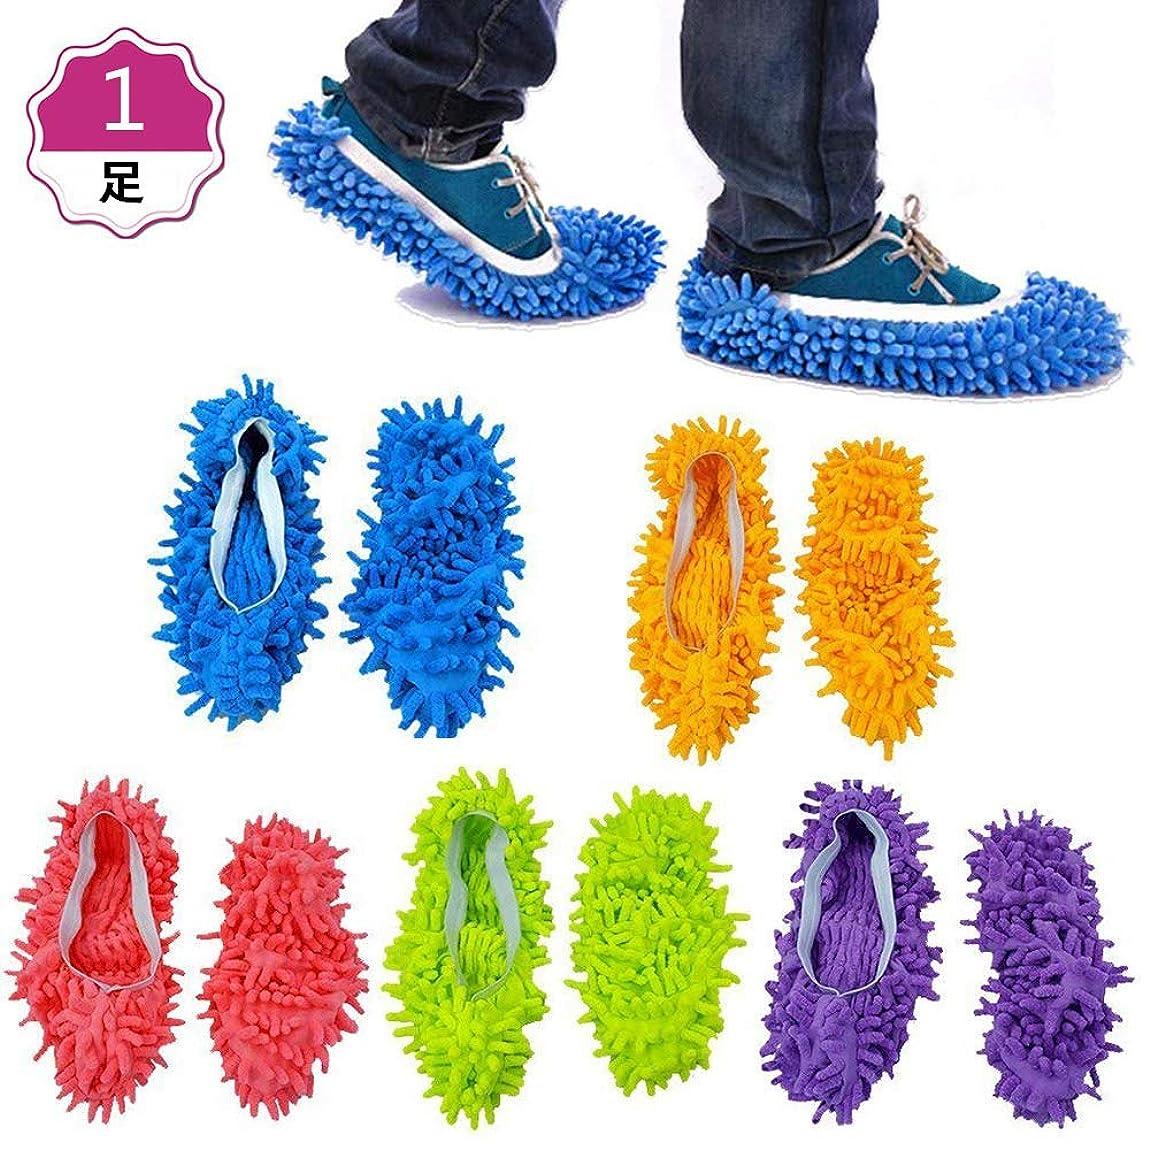 ブルーベル行列市区町村モップスリッパ 歩くだけで 簡単 お掃除 モップスリッパ 伸缩性 マイクロファイバー 洗える 激落ち 床拭き 1足 セット パープル